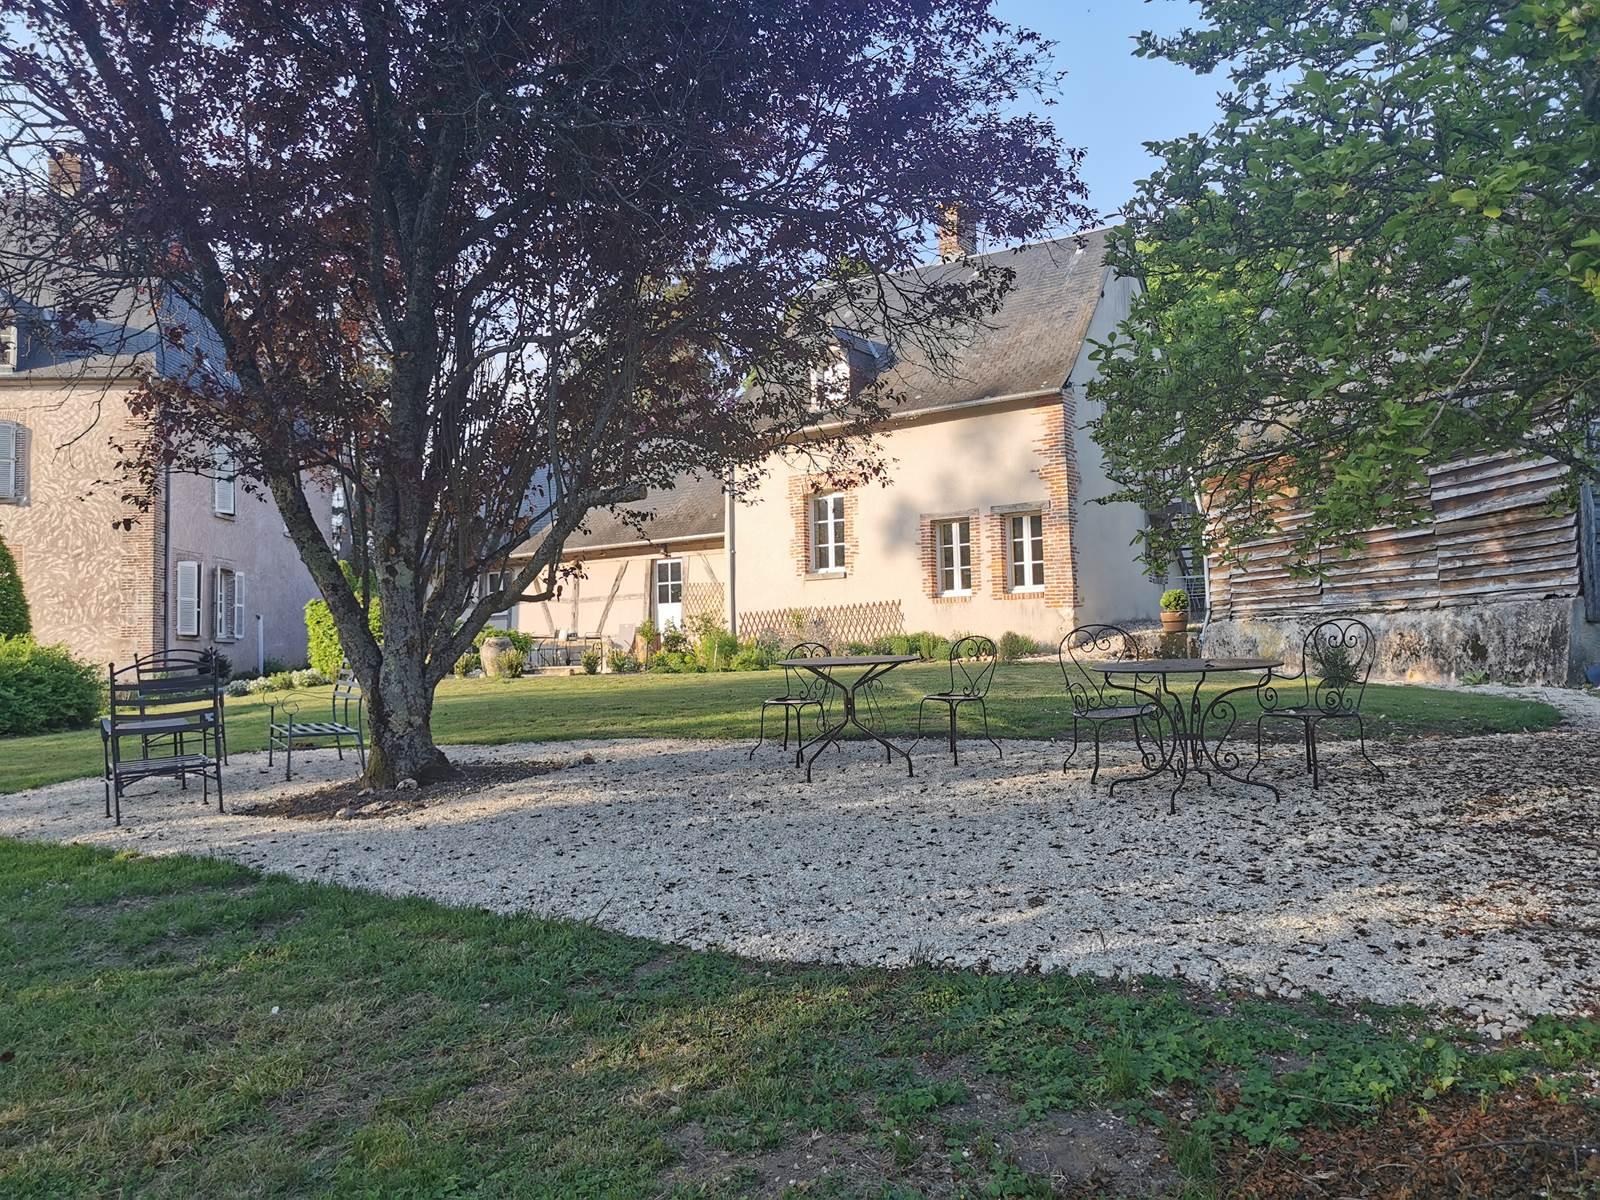 L'Annexe coté jardin la suite familiale en rez de chaussée